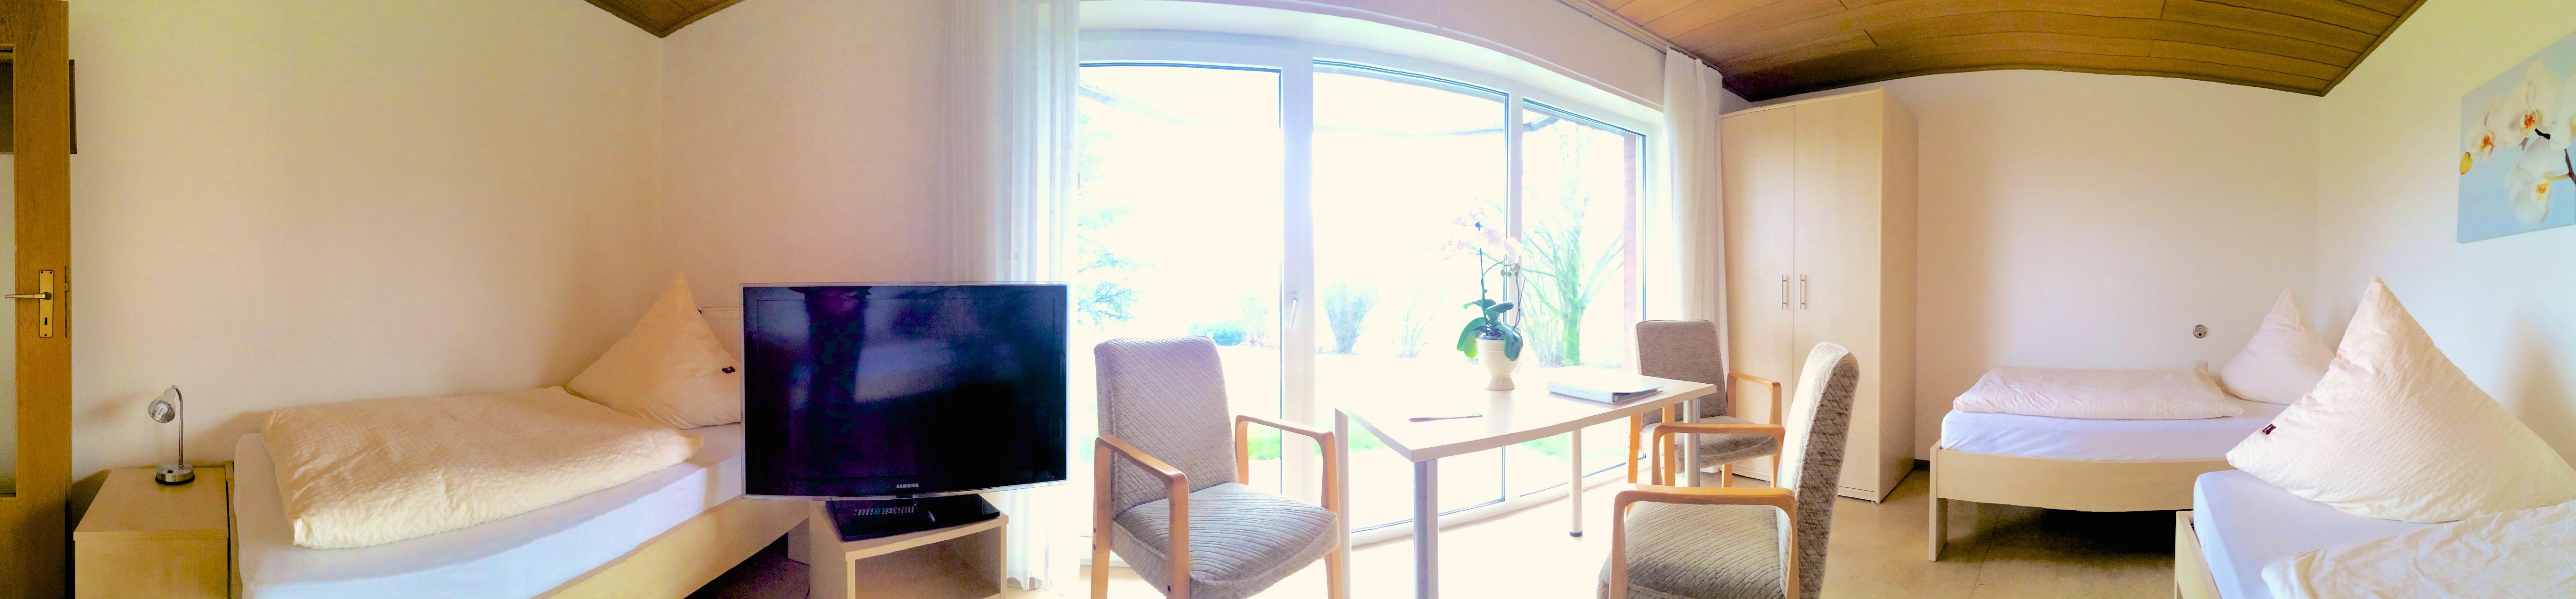 Hotel Pension Appartement Haus Stallmeister Lippstadt Appartement